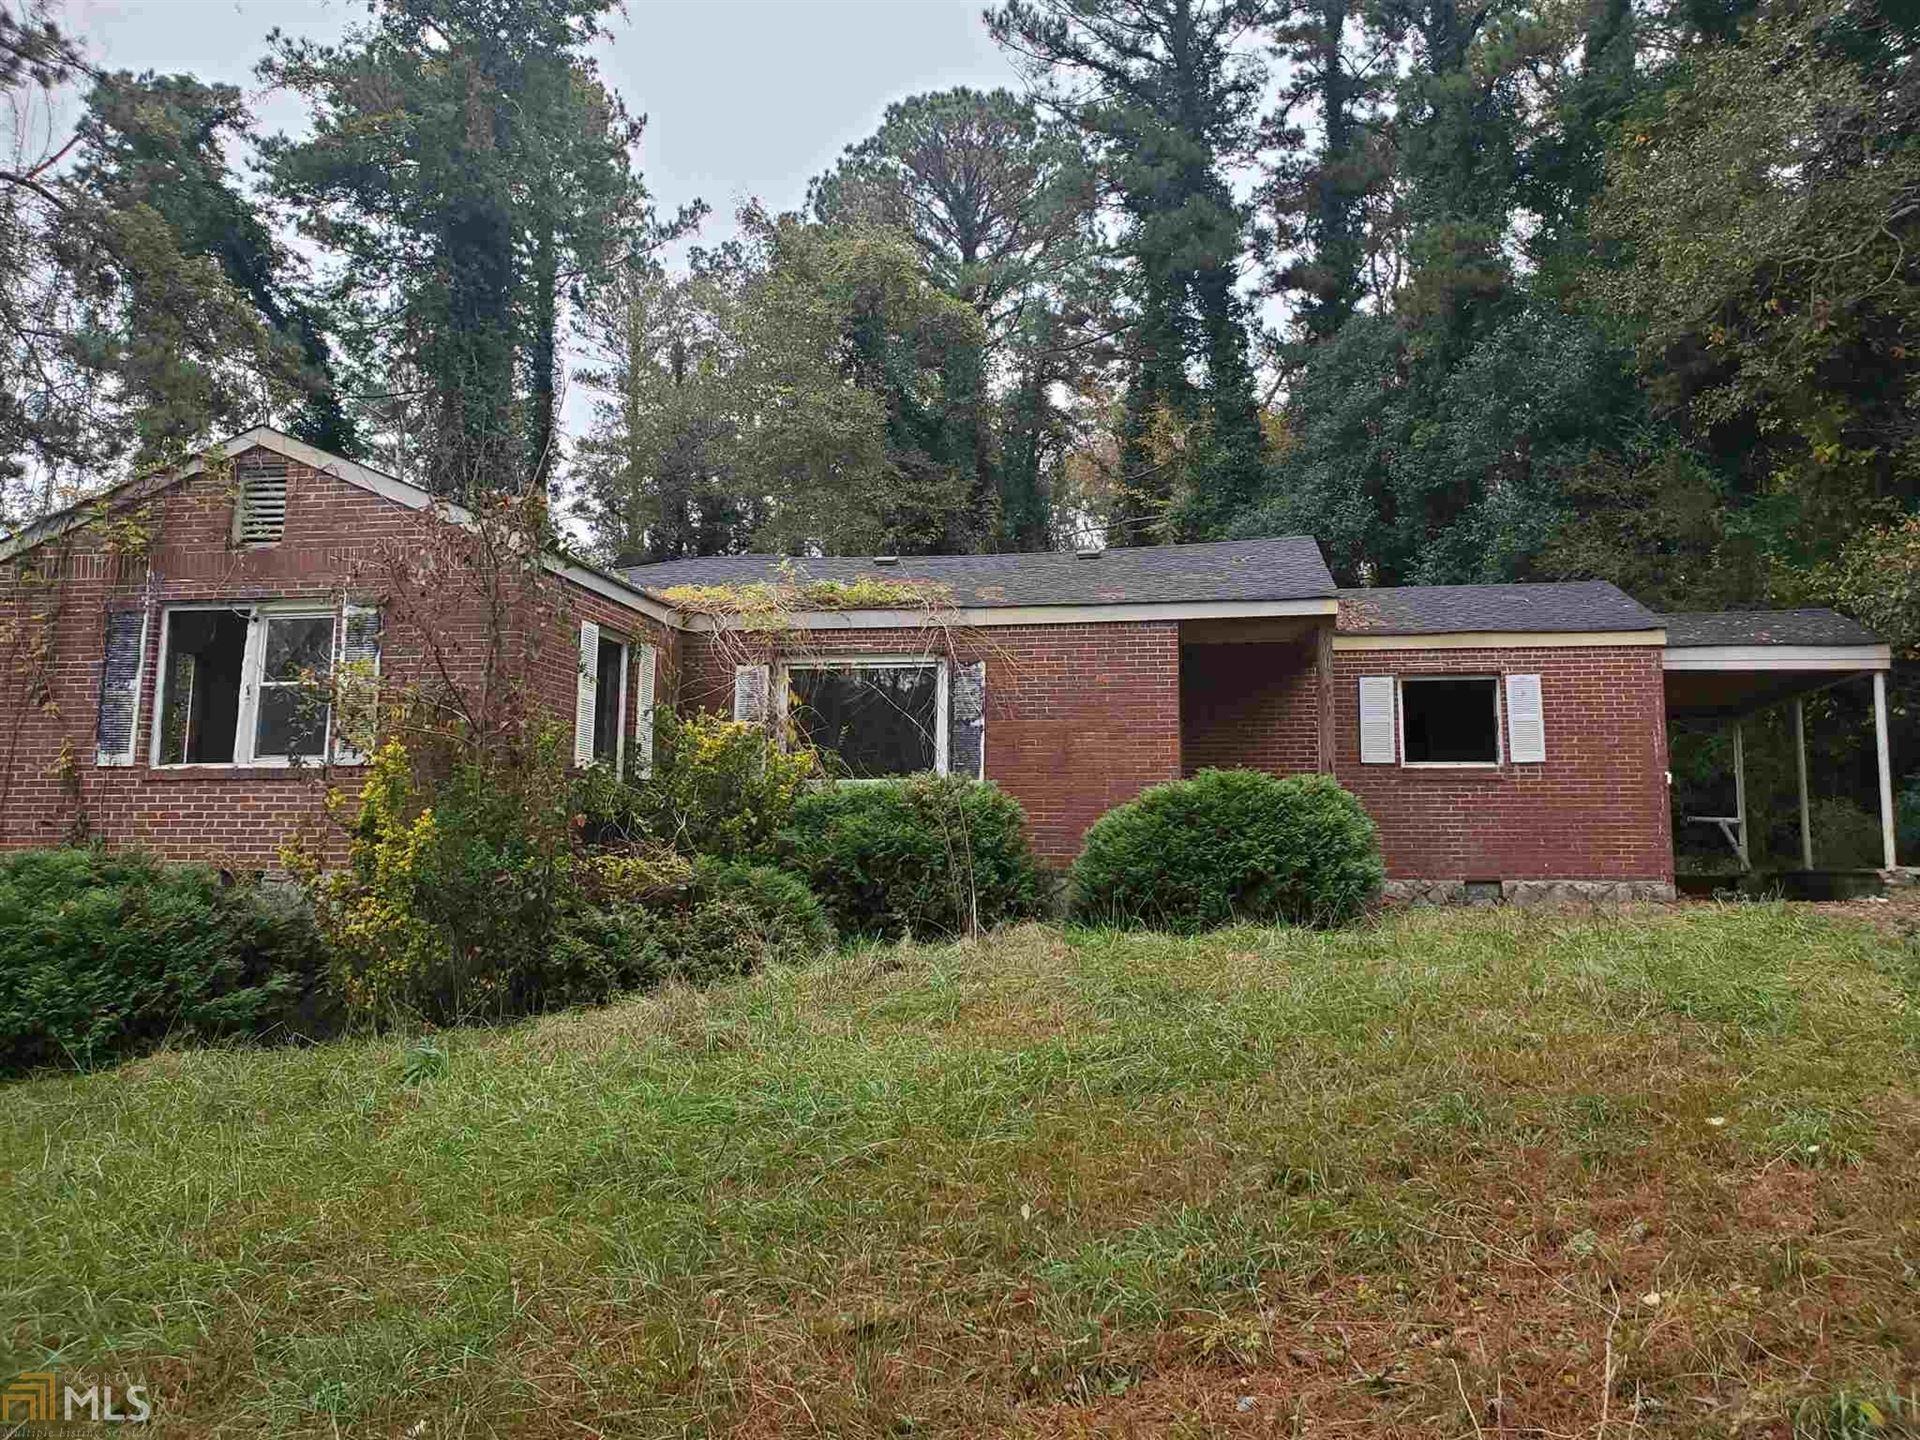 6654 Old Covington, Lithonia, GA 30058 - #: 8898131